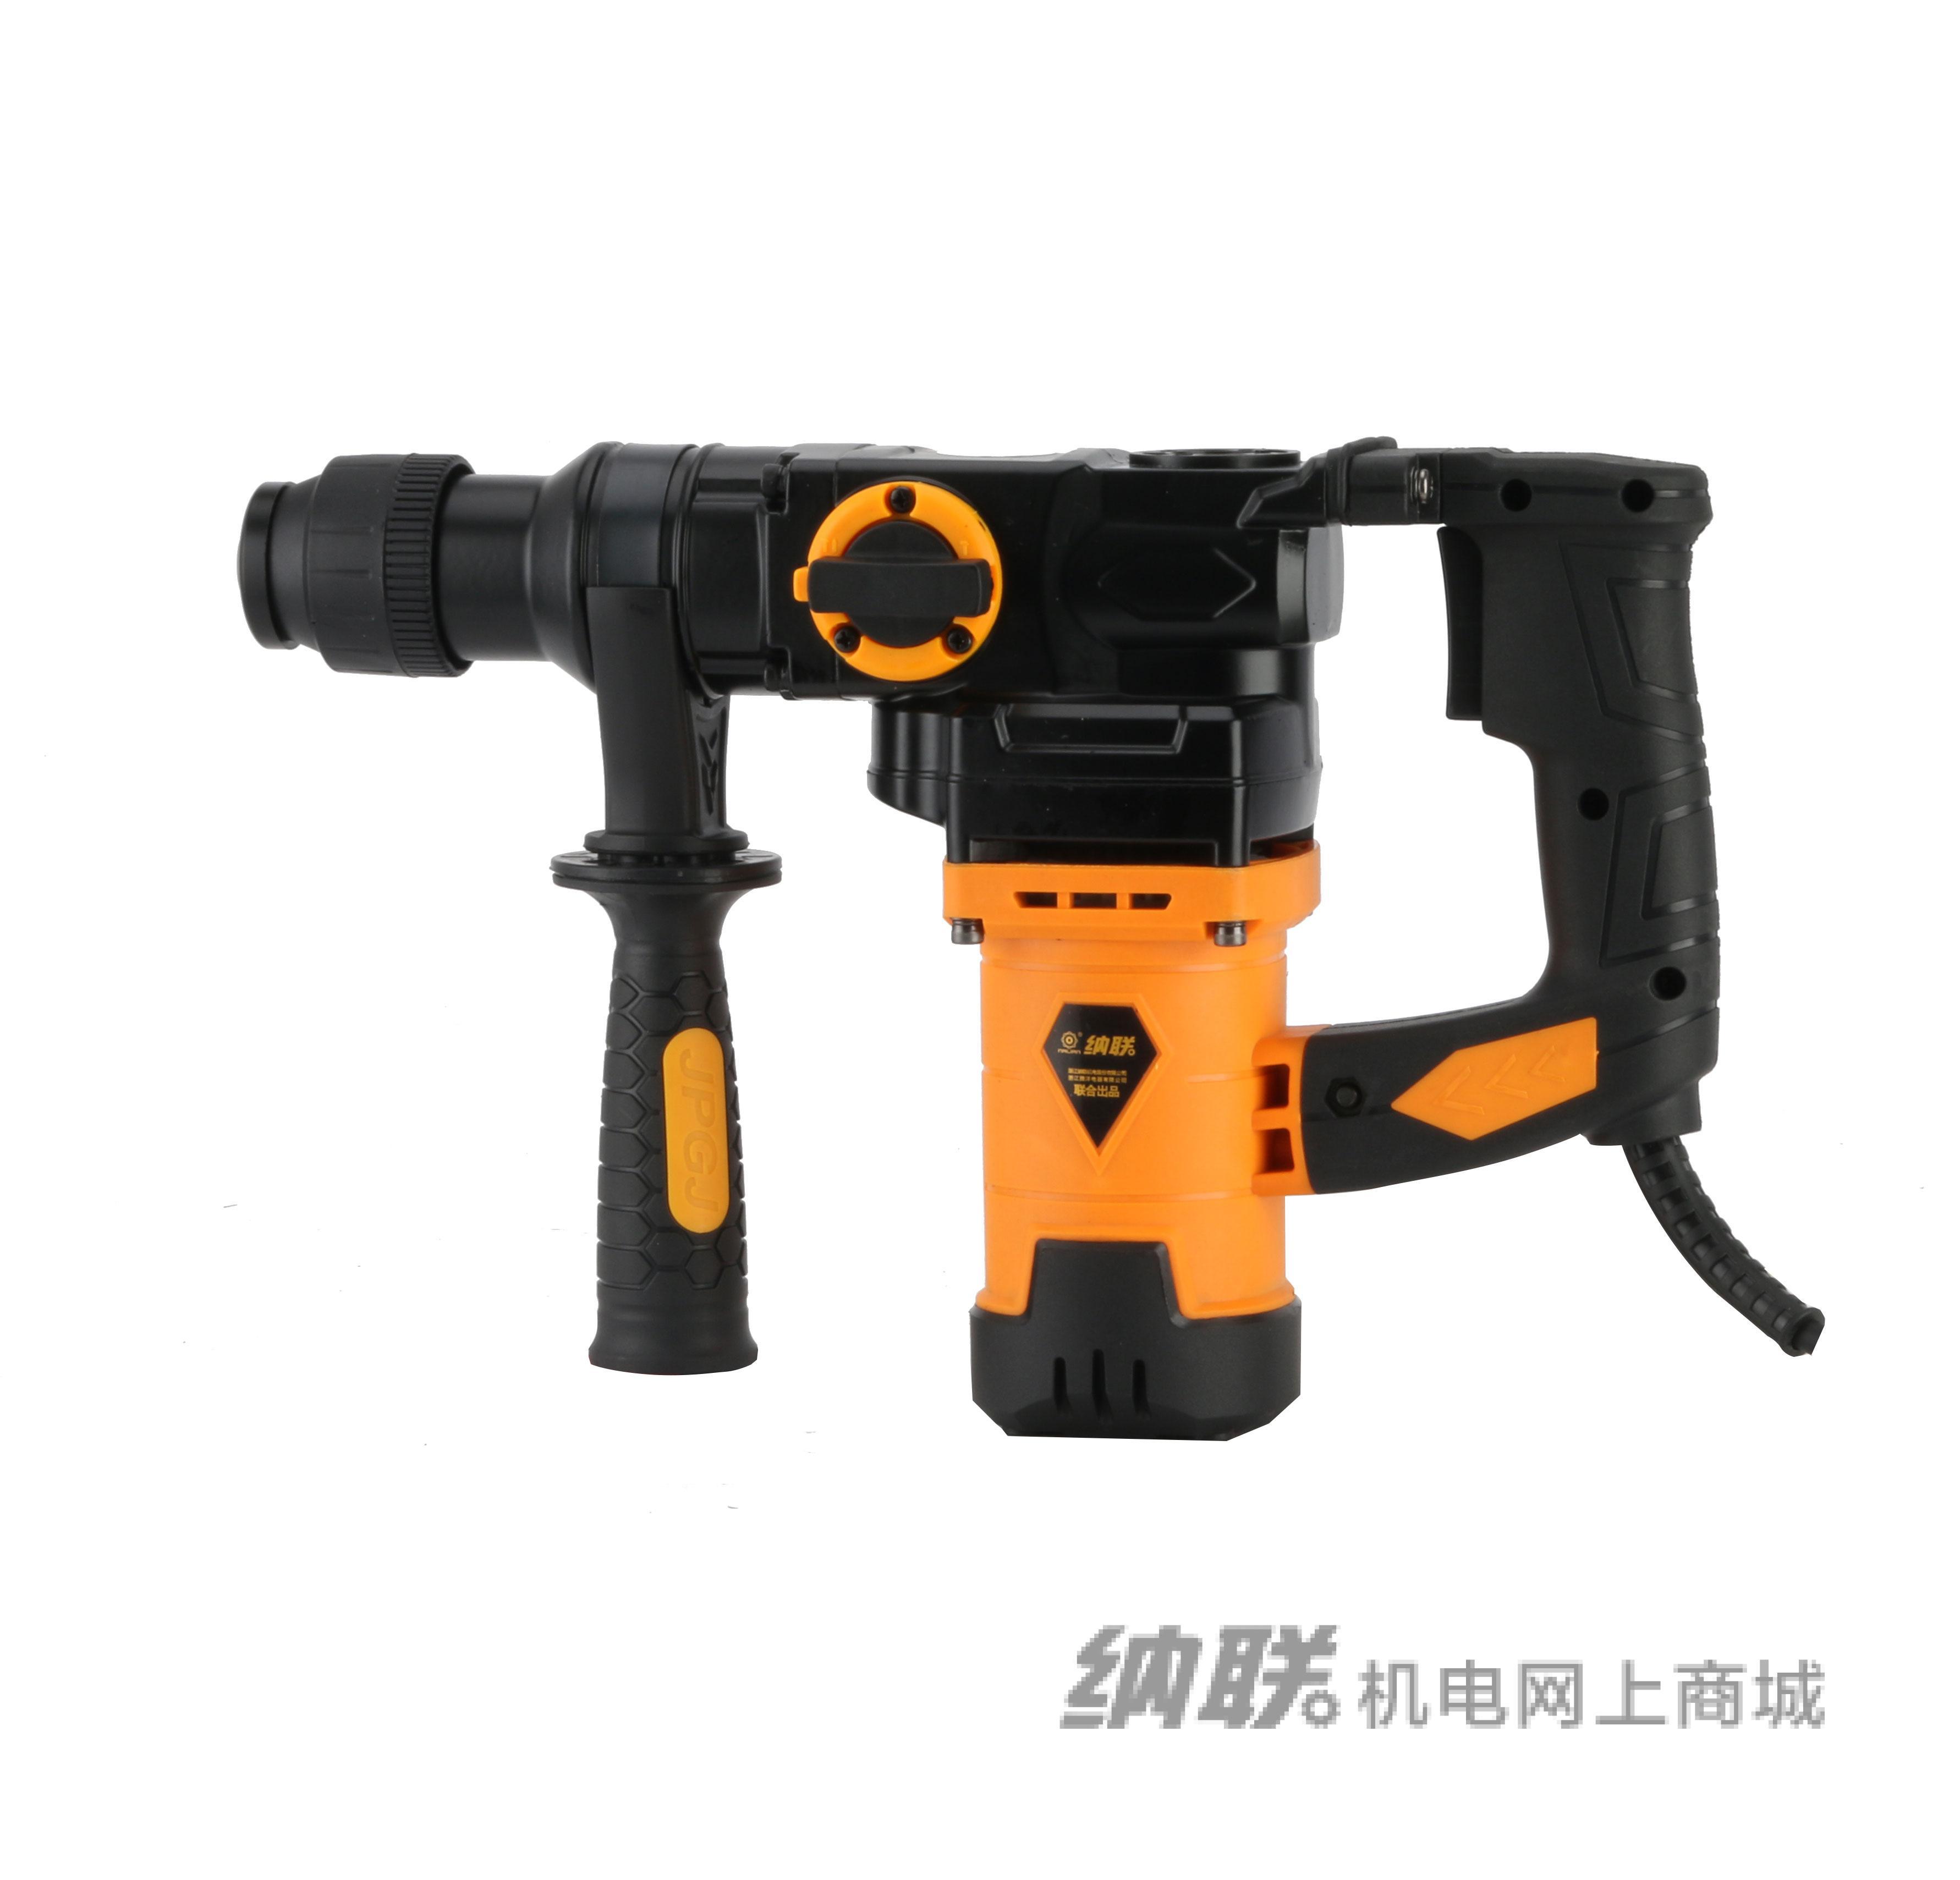 纳联机电 电锤-Z1A2-28SRE/1050W(促销)